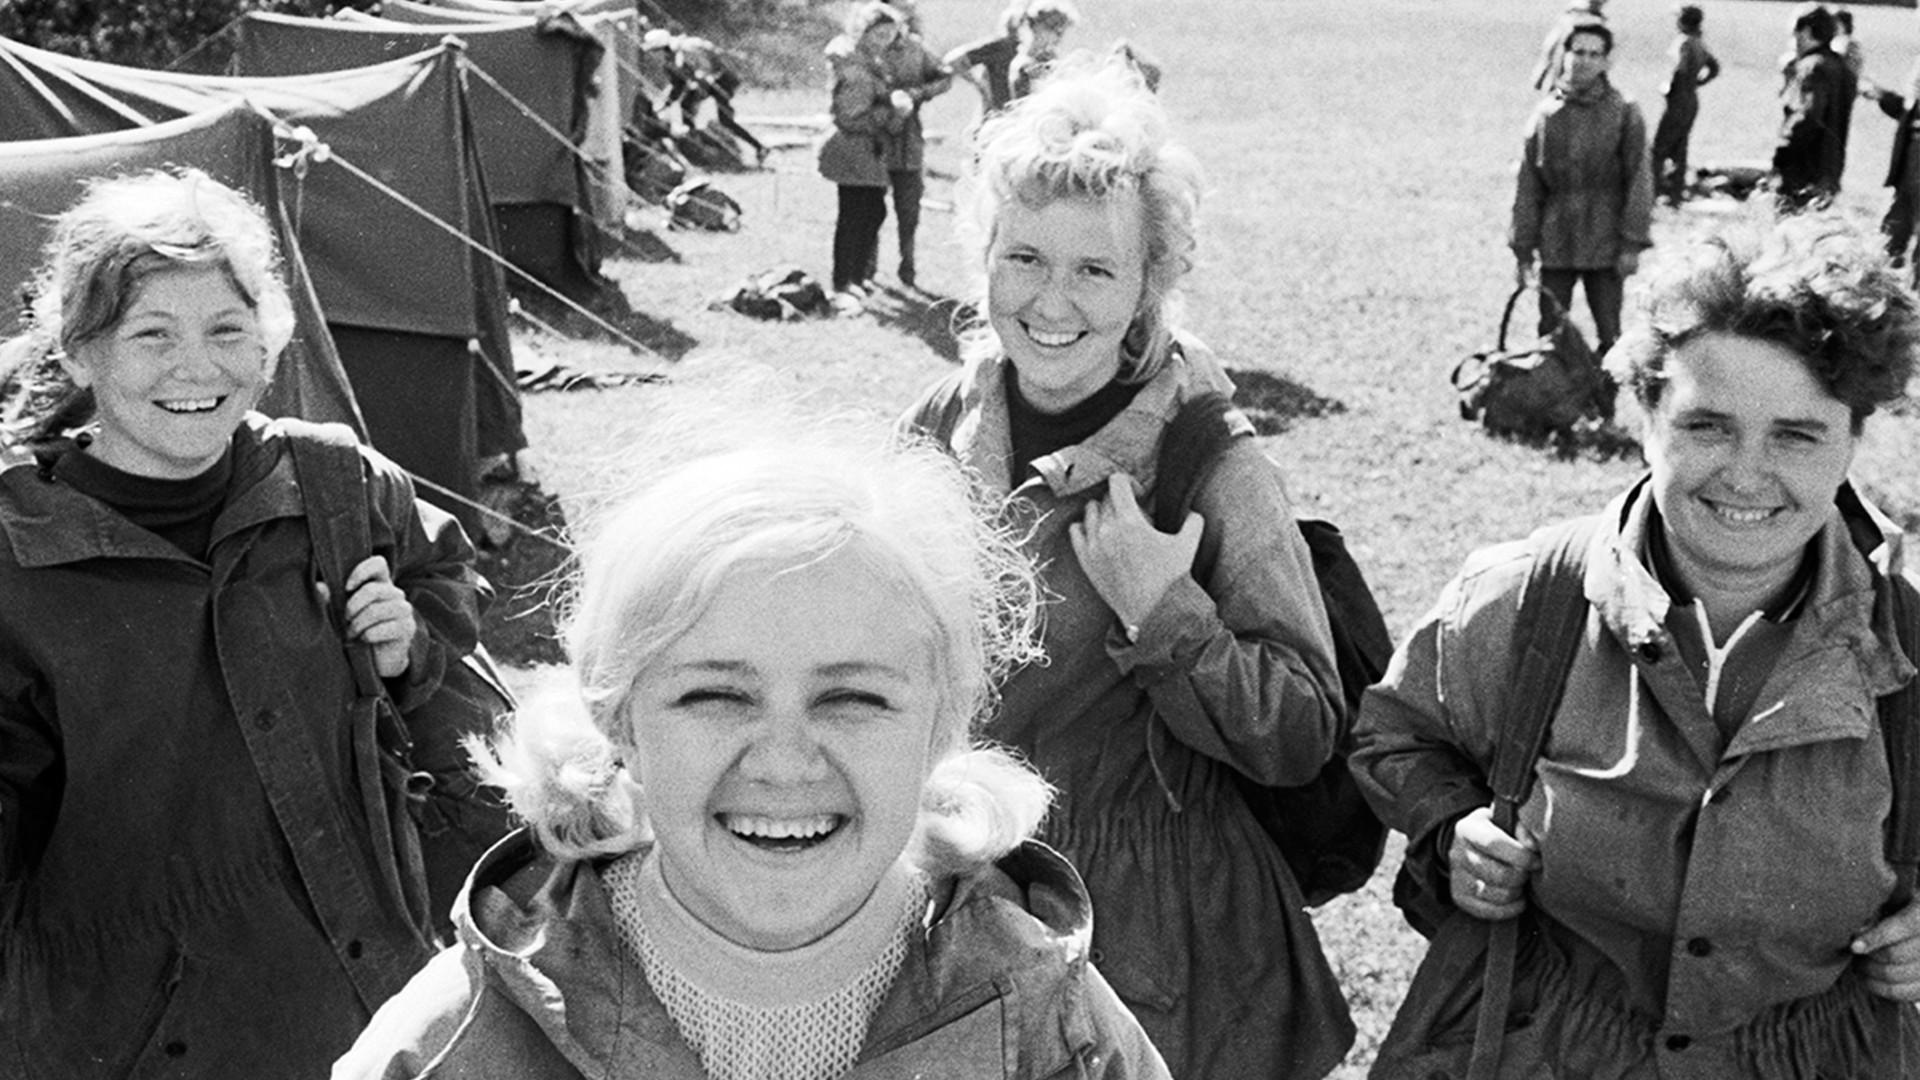 Кратак предах од пешачења, СССР, 14 мај 1972 г.